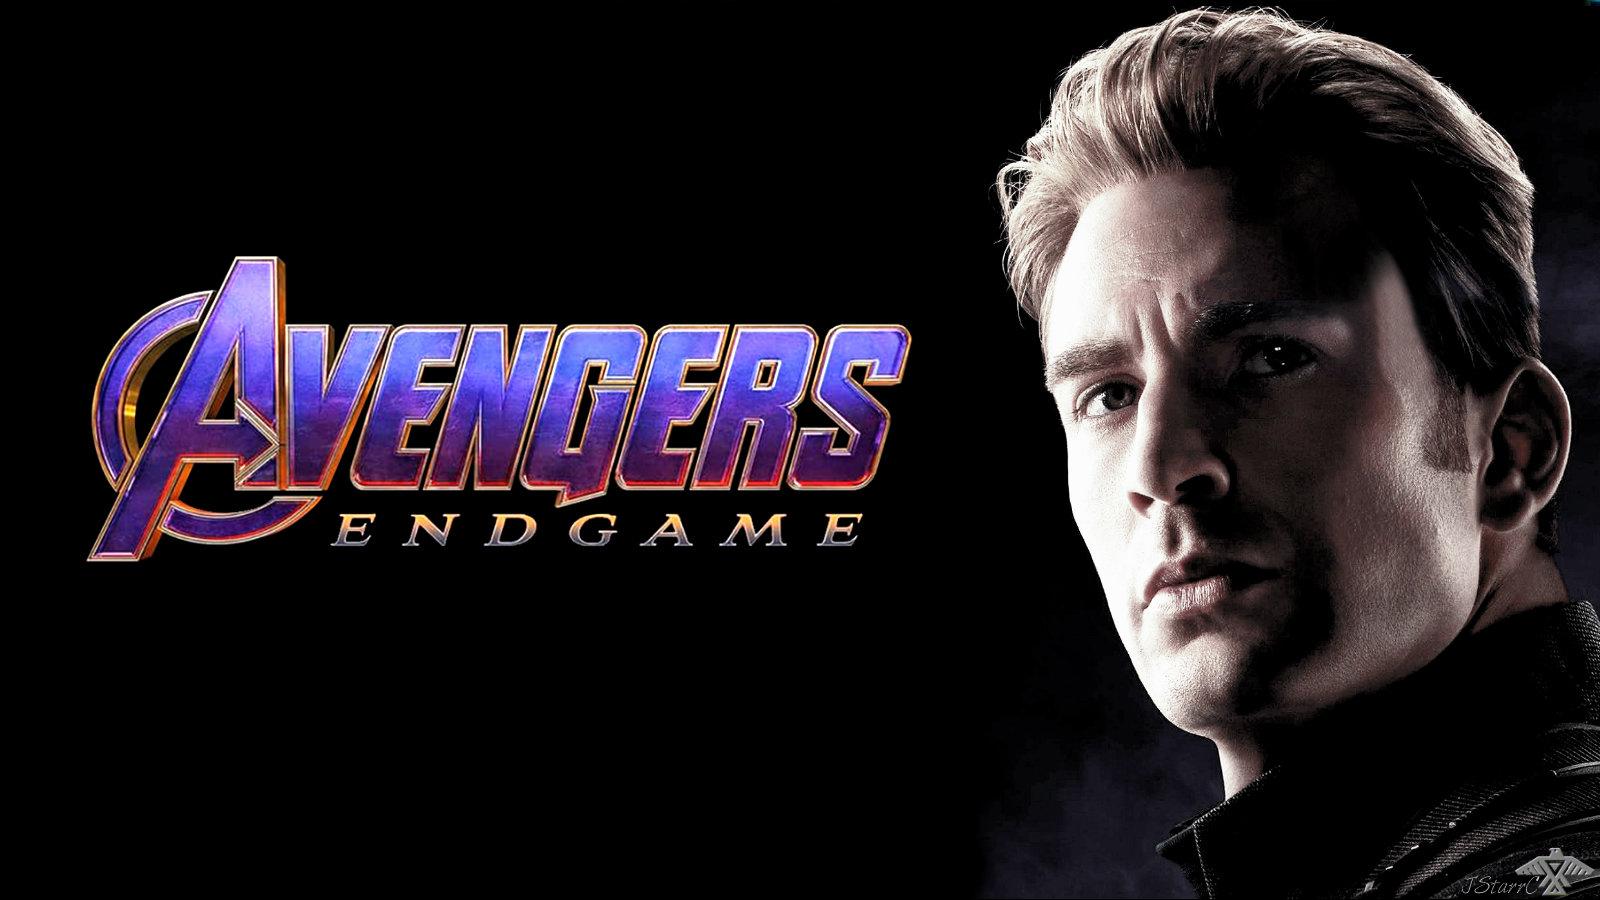 Captain America Avengers Endgame 2019 Les Avengers